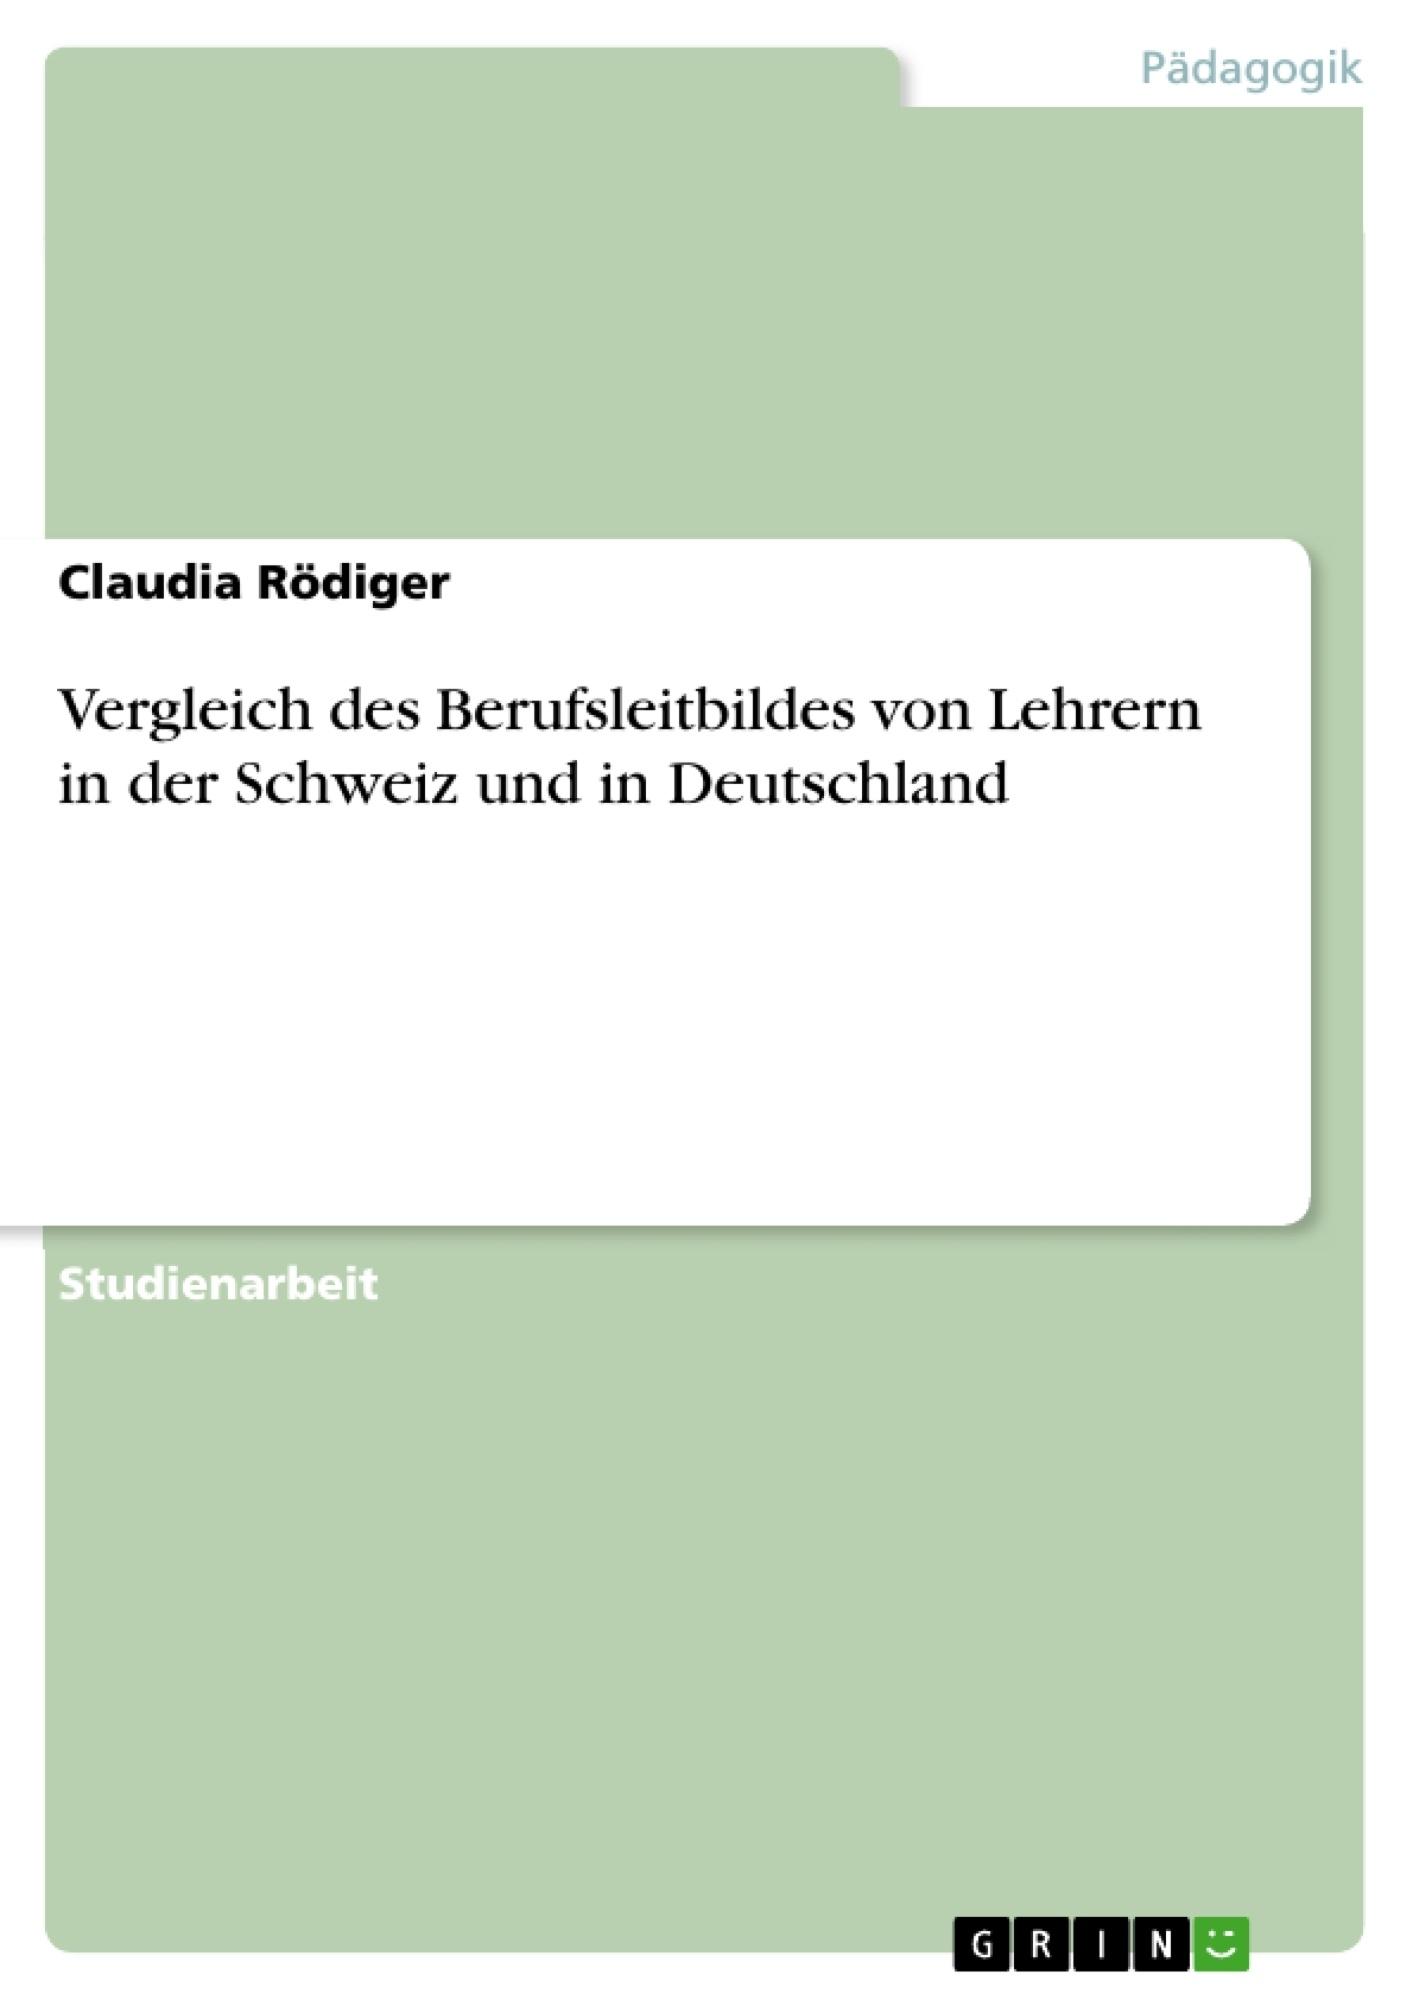 Titel: Vergleich des Berufsleitbildes von Lehrern in der Schweiz und in Deutschland